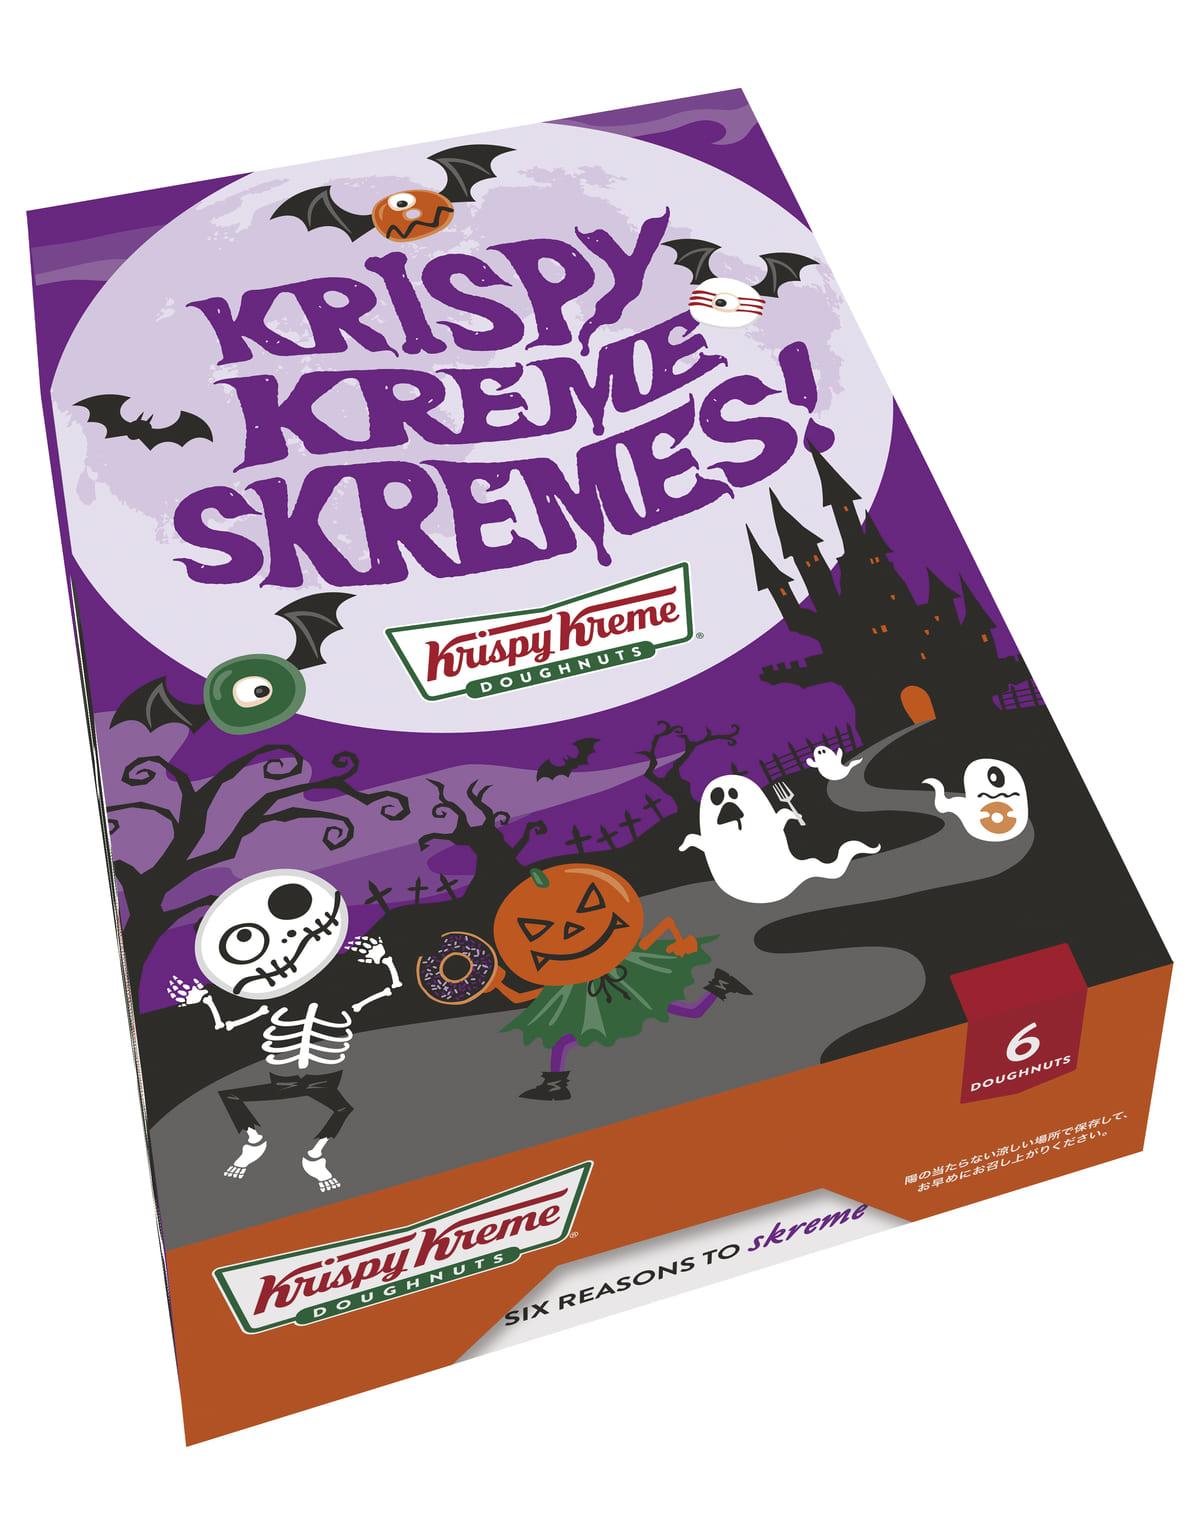 クリスピー・クリーム・ドーナツ 『KRISPY KREME SKREMES!』ボックス